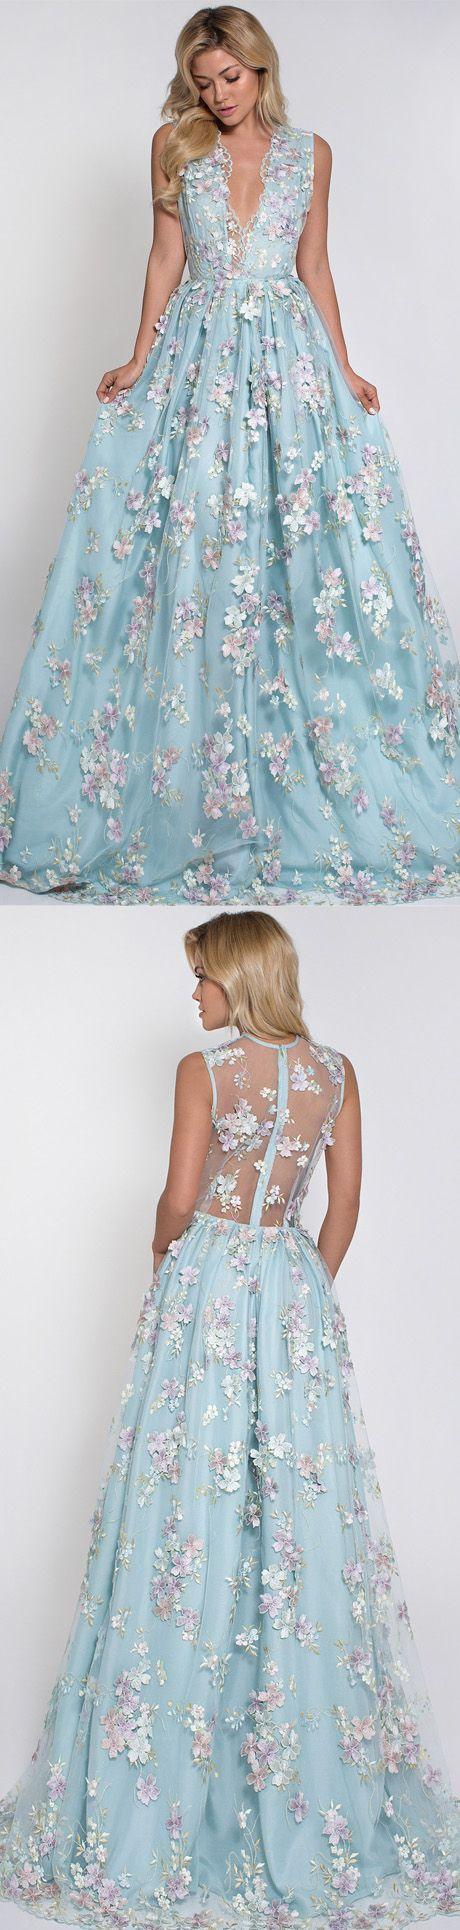 Fantastisch Prom Kleider Sheffield Fotos - Hochzeit Kleid Stile ...